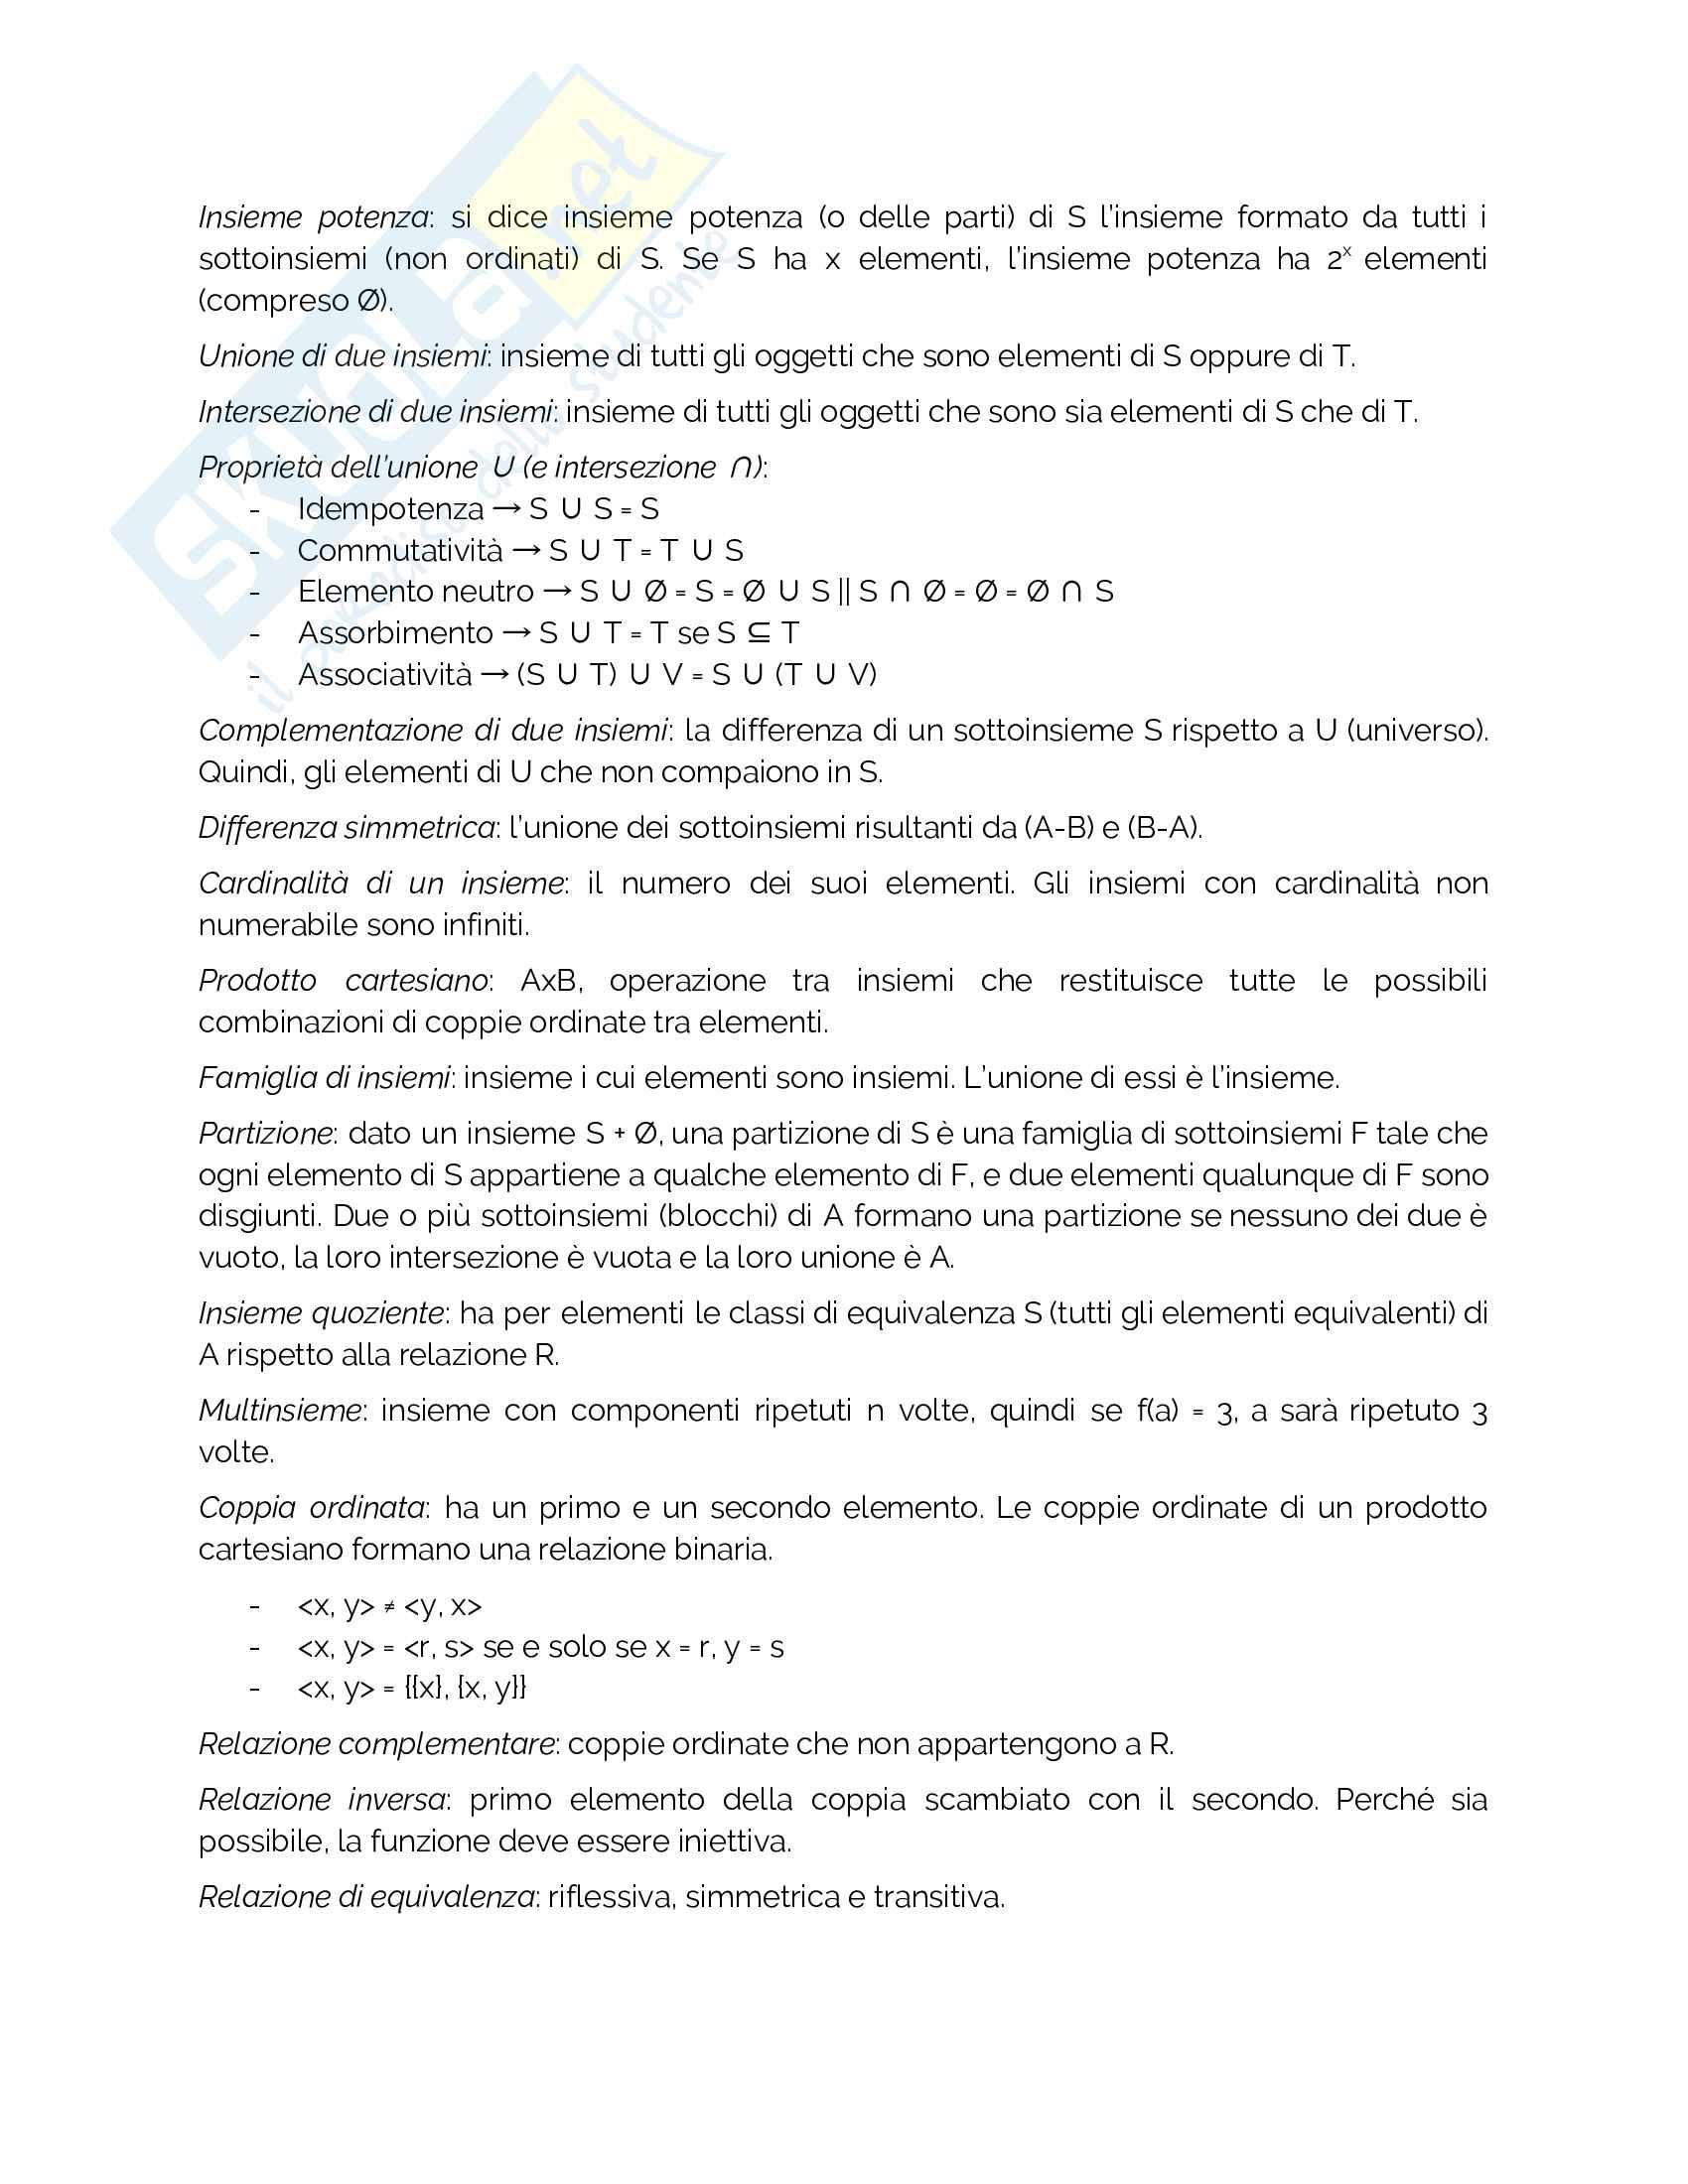 Riassunto fondamenti di informatica Pag. 2